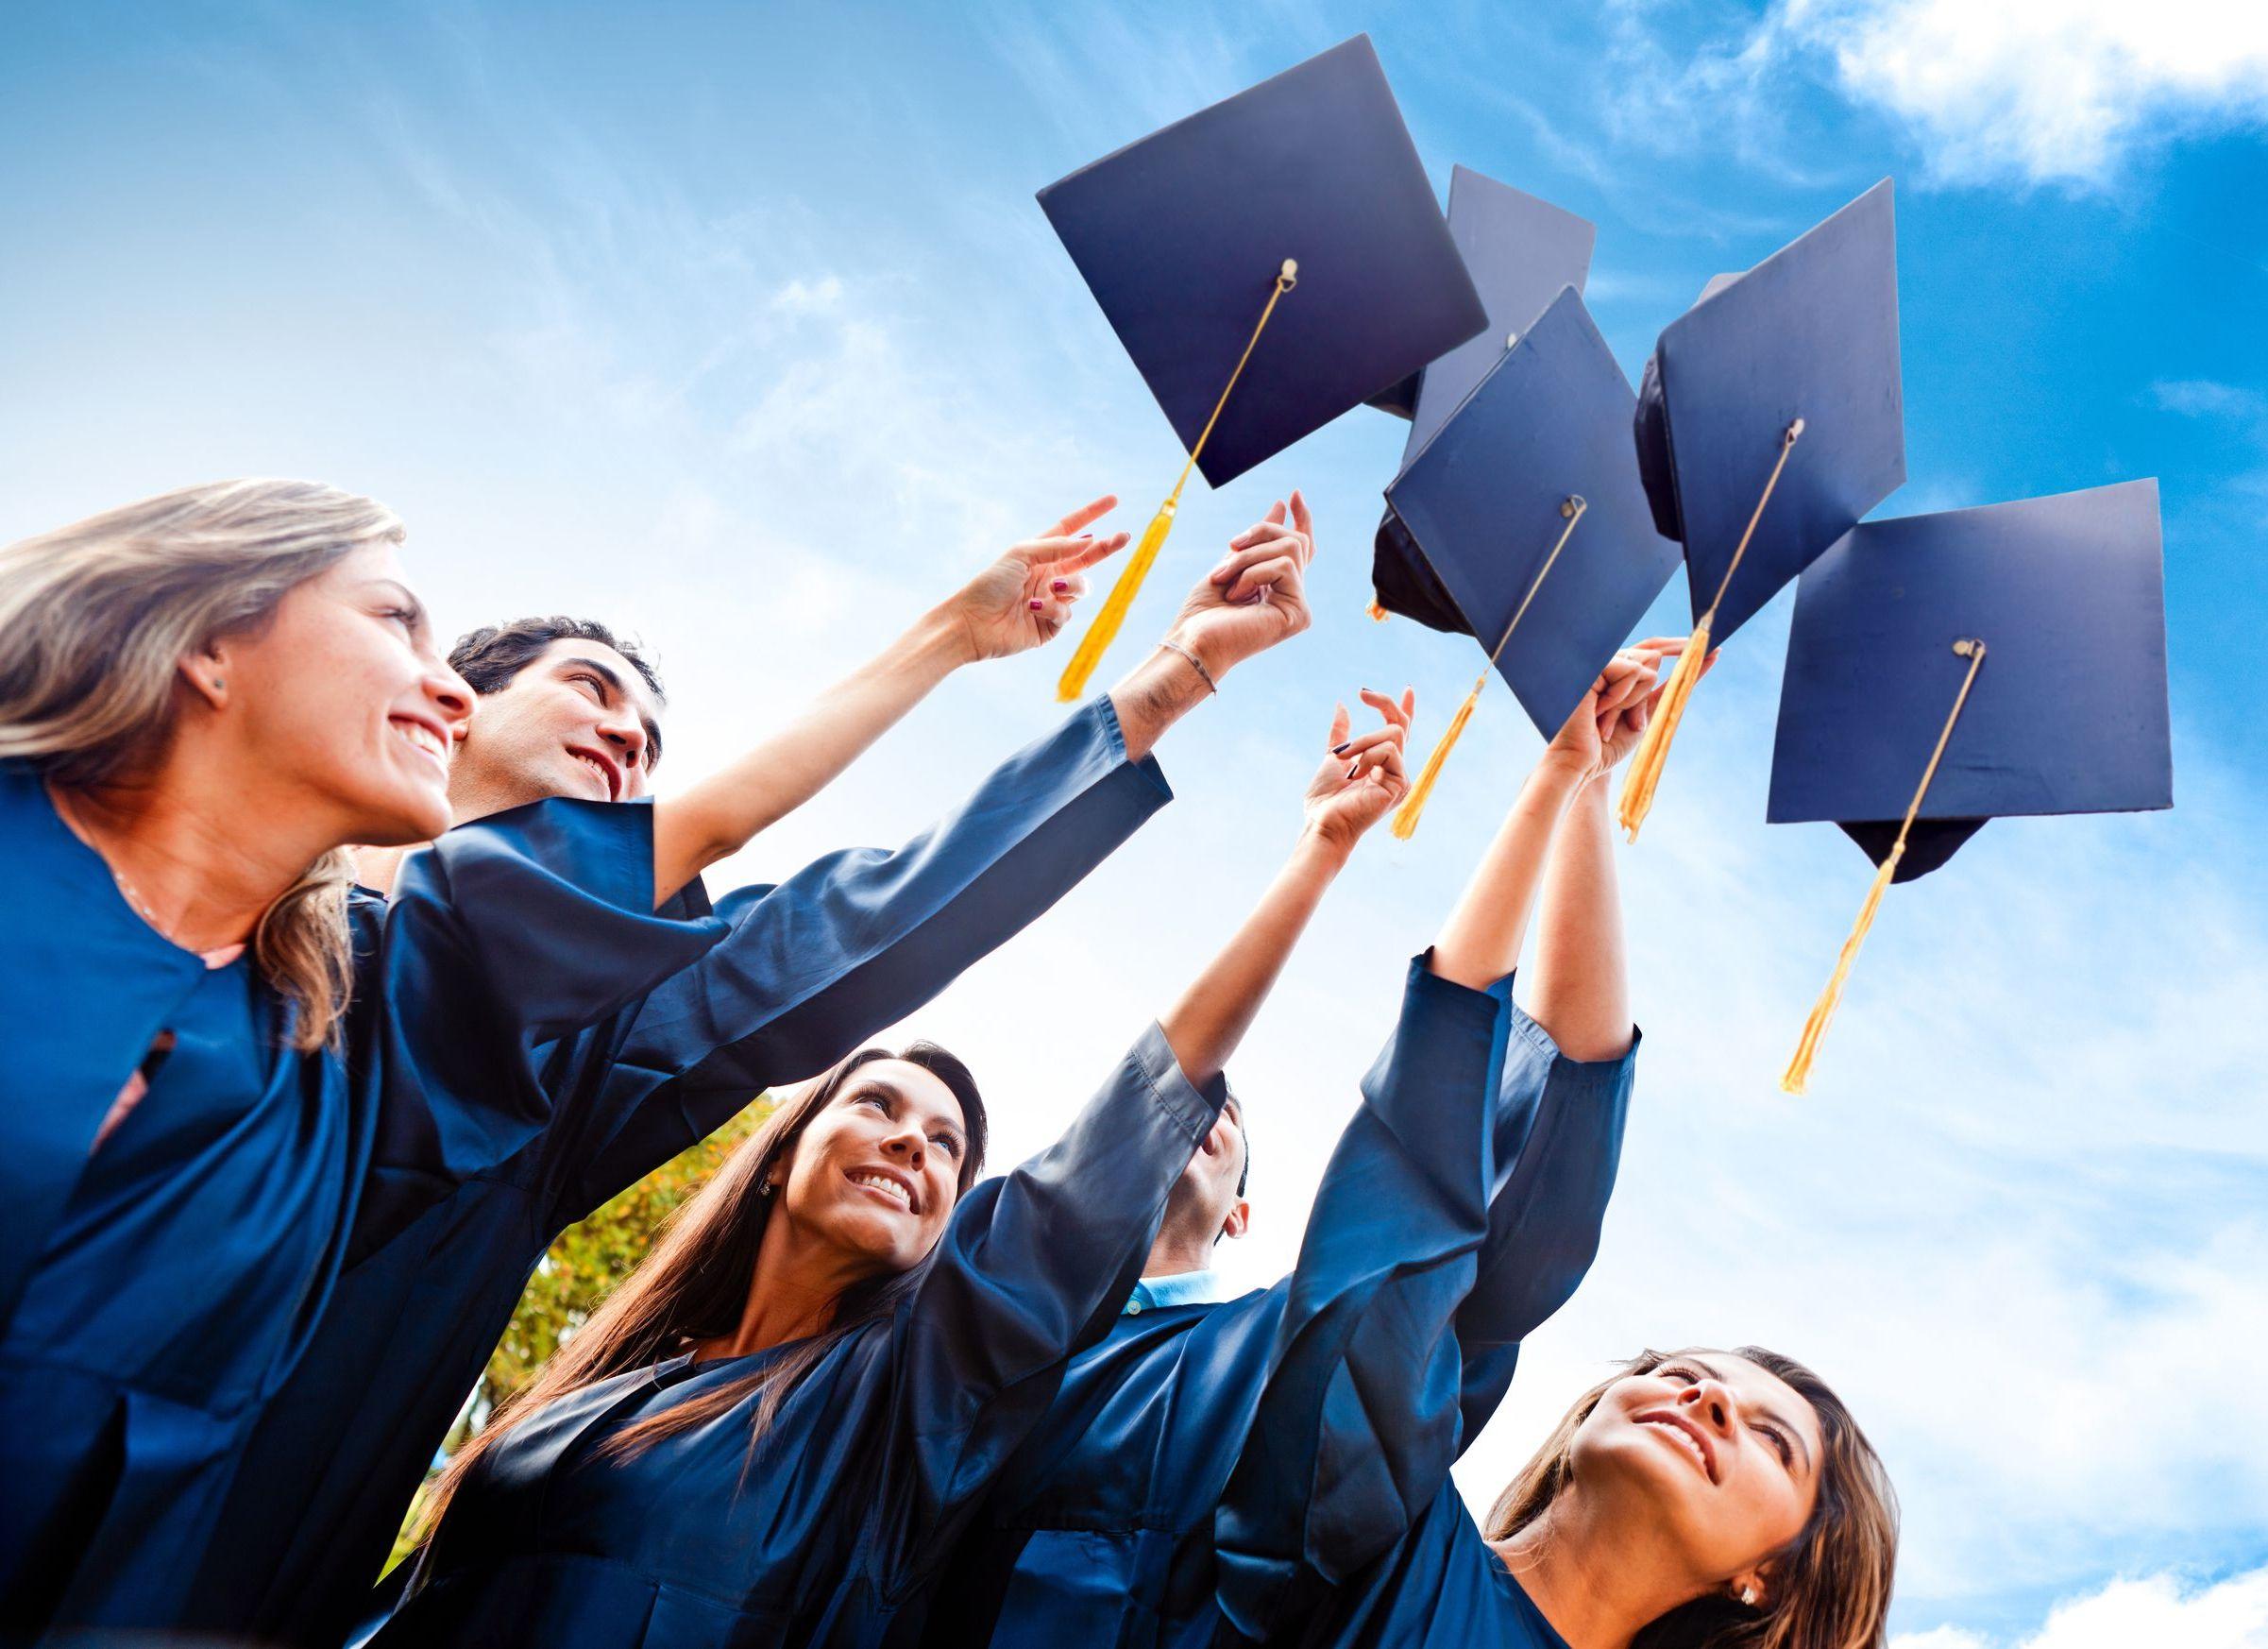 Du học Úc 101 - Mọi điều bạn cần biết về học bổng du học Úc (P1) - ATS